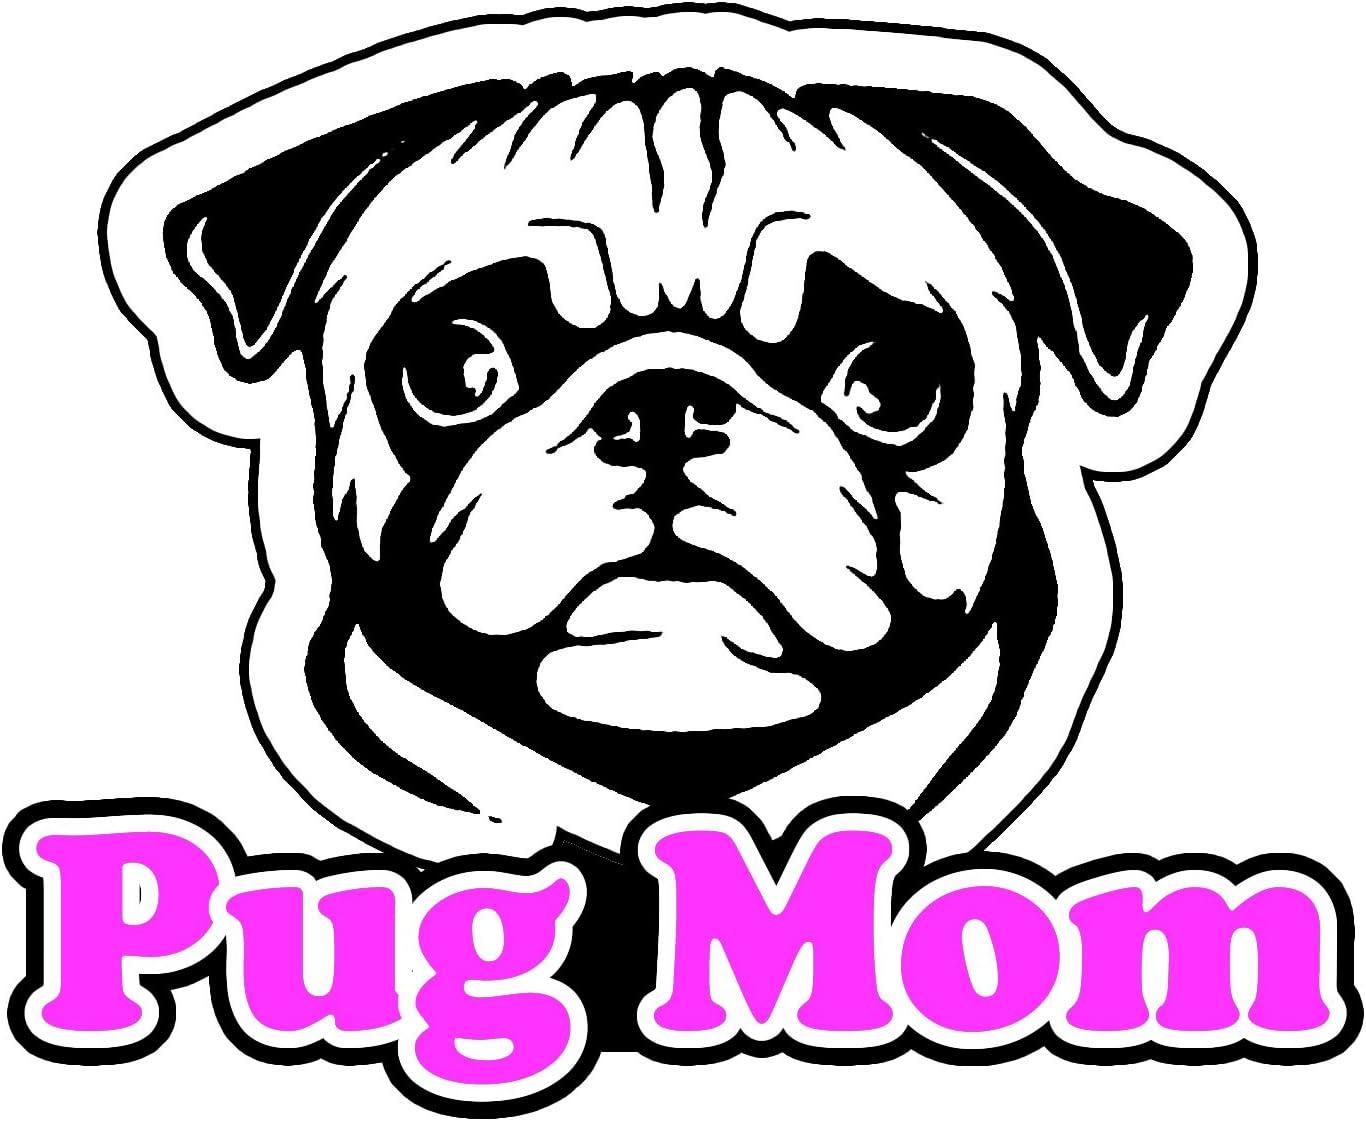 5/'/' or 6/'/' 3/'/' Pug Dog Head Car Bumper Sticker Decal